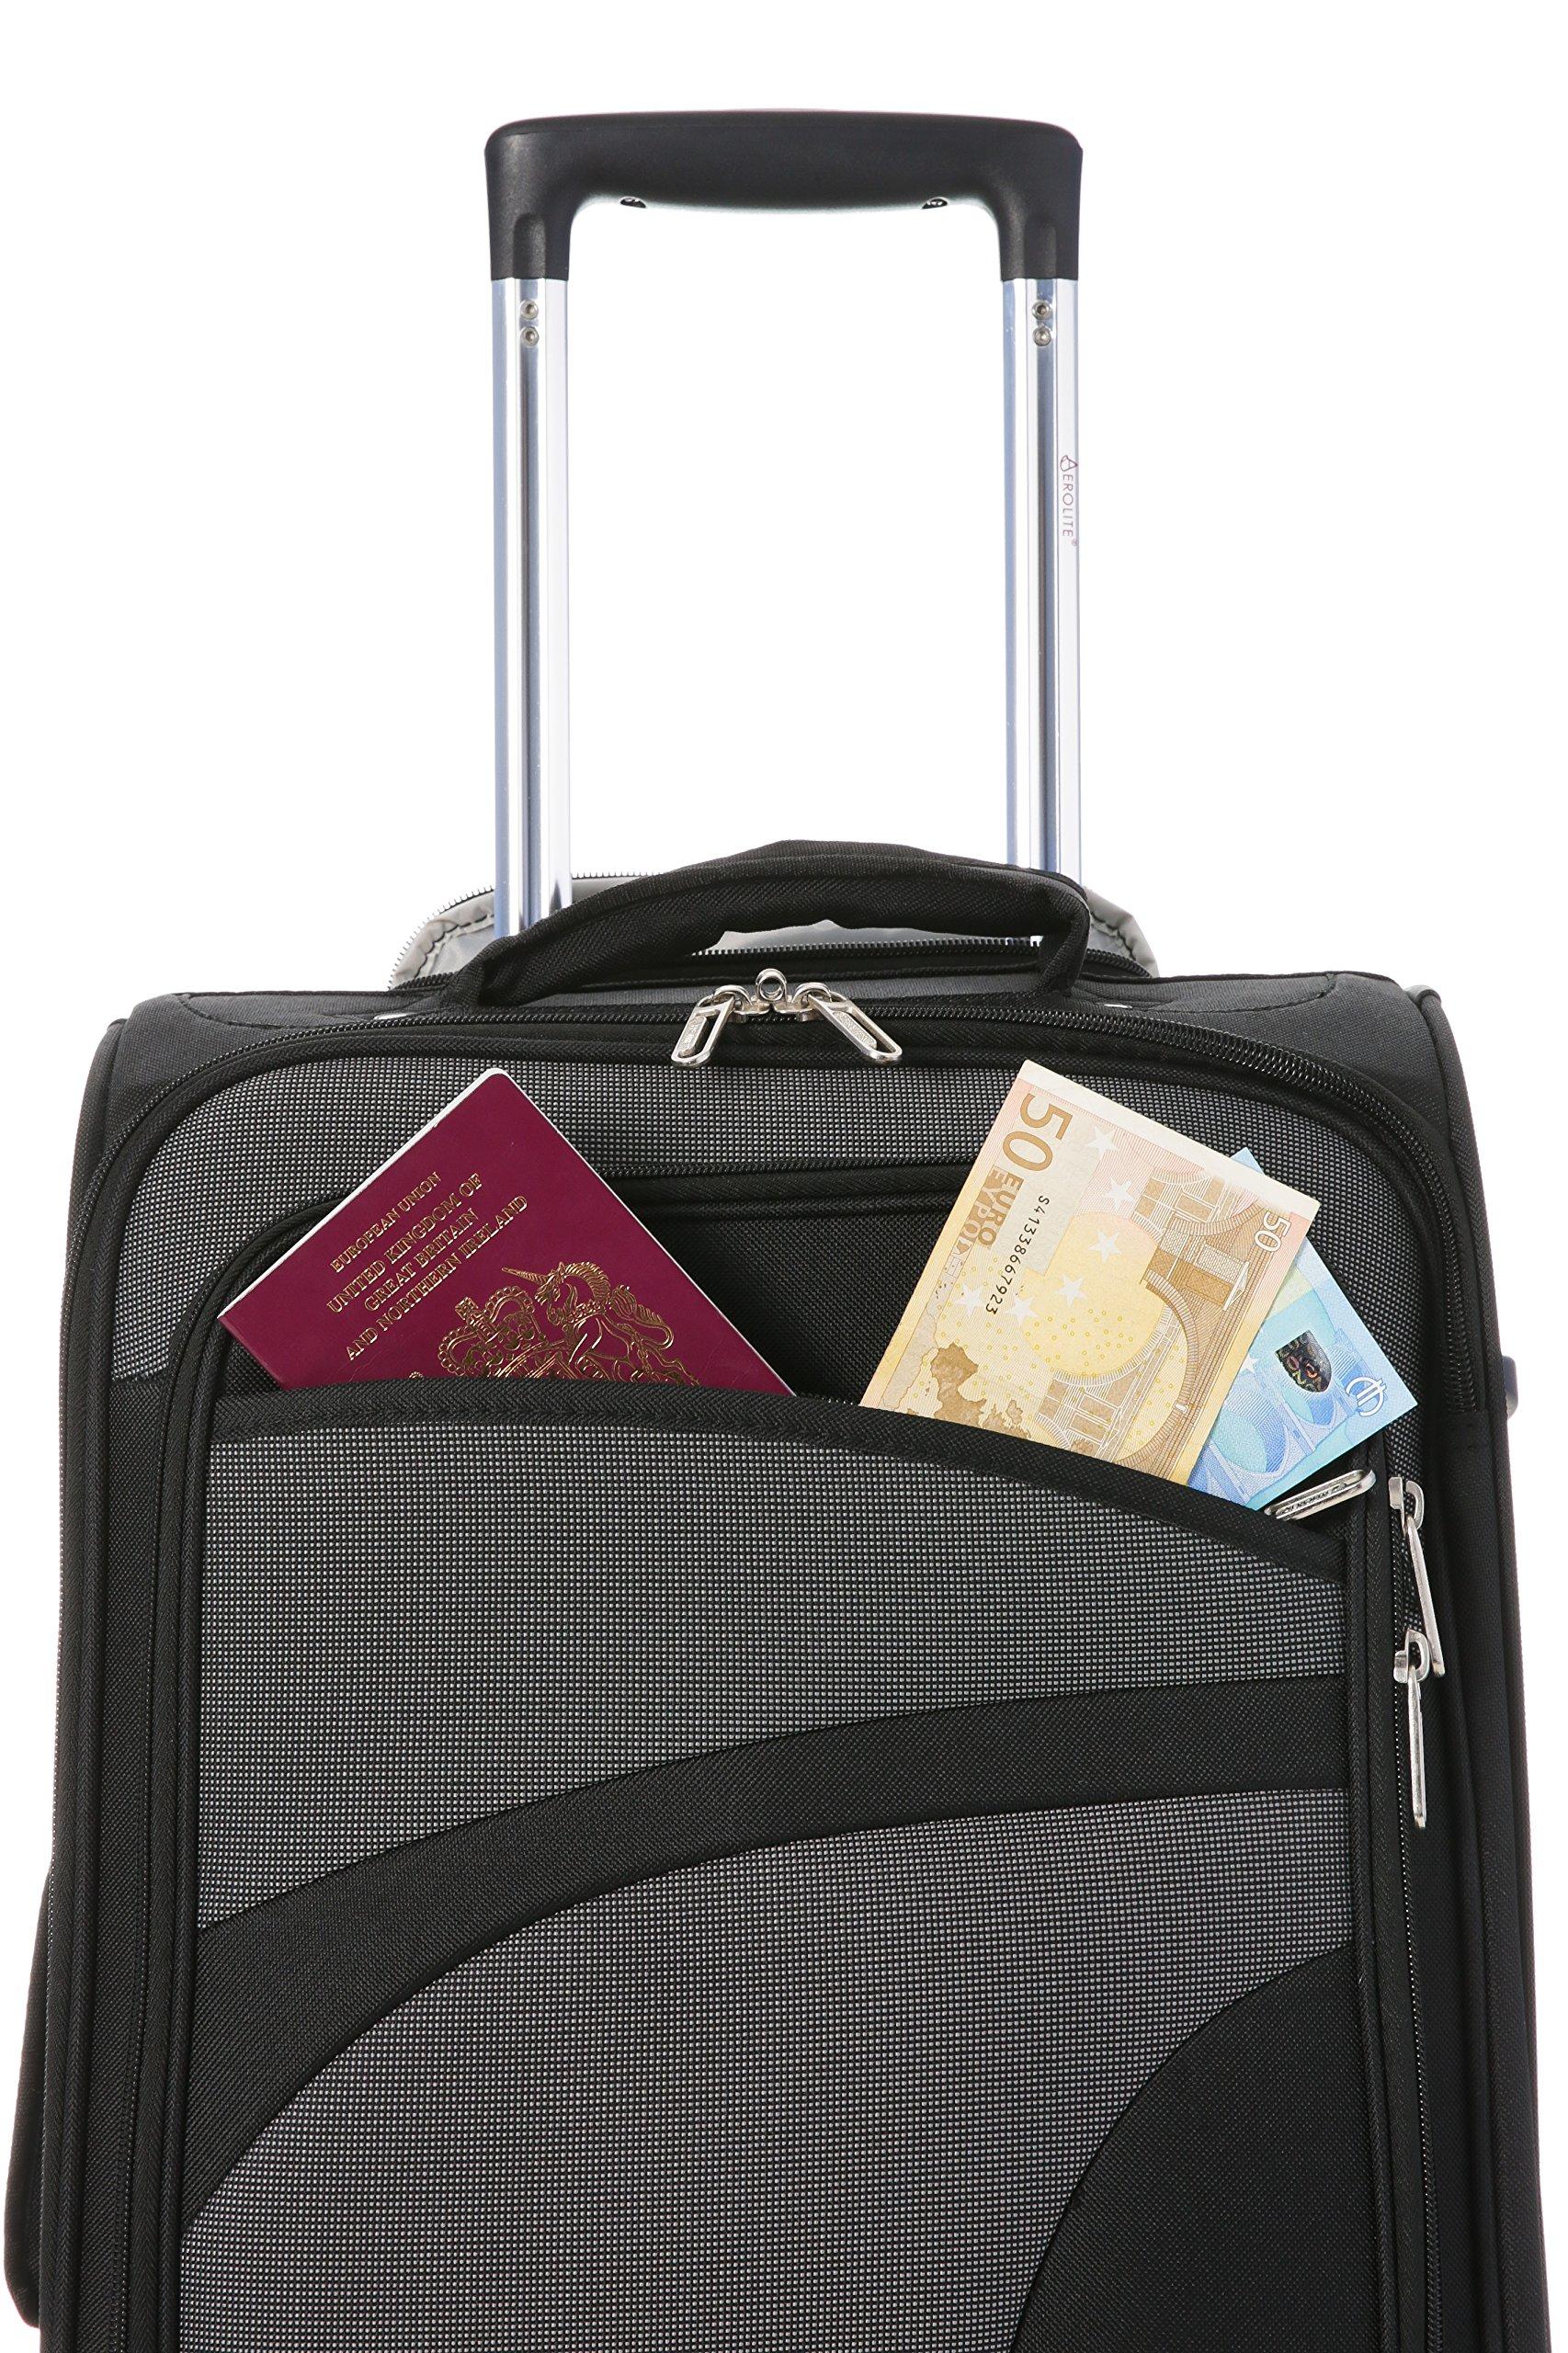 Aerolite-Leichtgewicht-4-Rollen-Handgepck-Trolley-Koffer-Bordgepck-Kabinentrolley-Reisekoffer-Gepck-Genehmigt-fr-Ryanair-easyJet-Lufthansa-Jet2-und-Vieles-Mehr